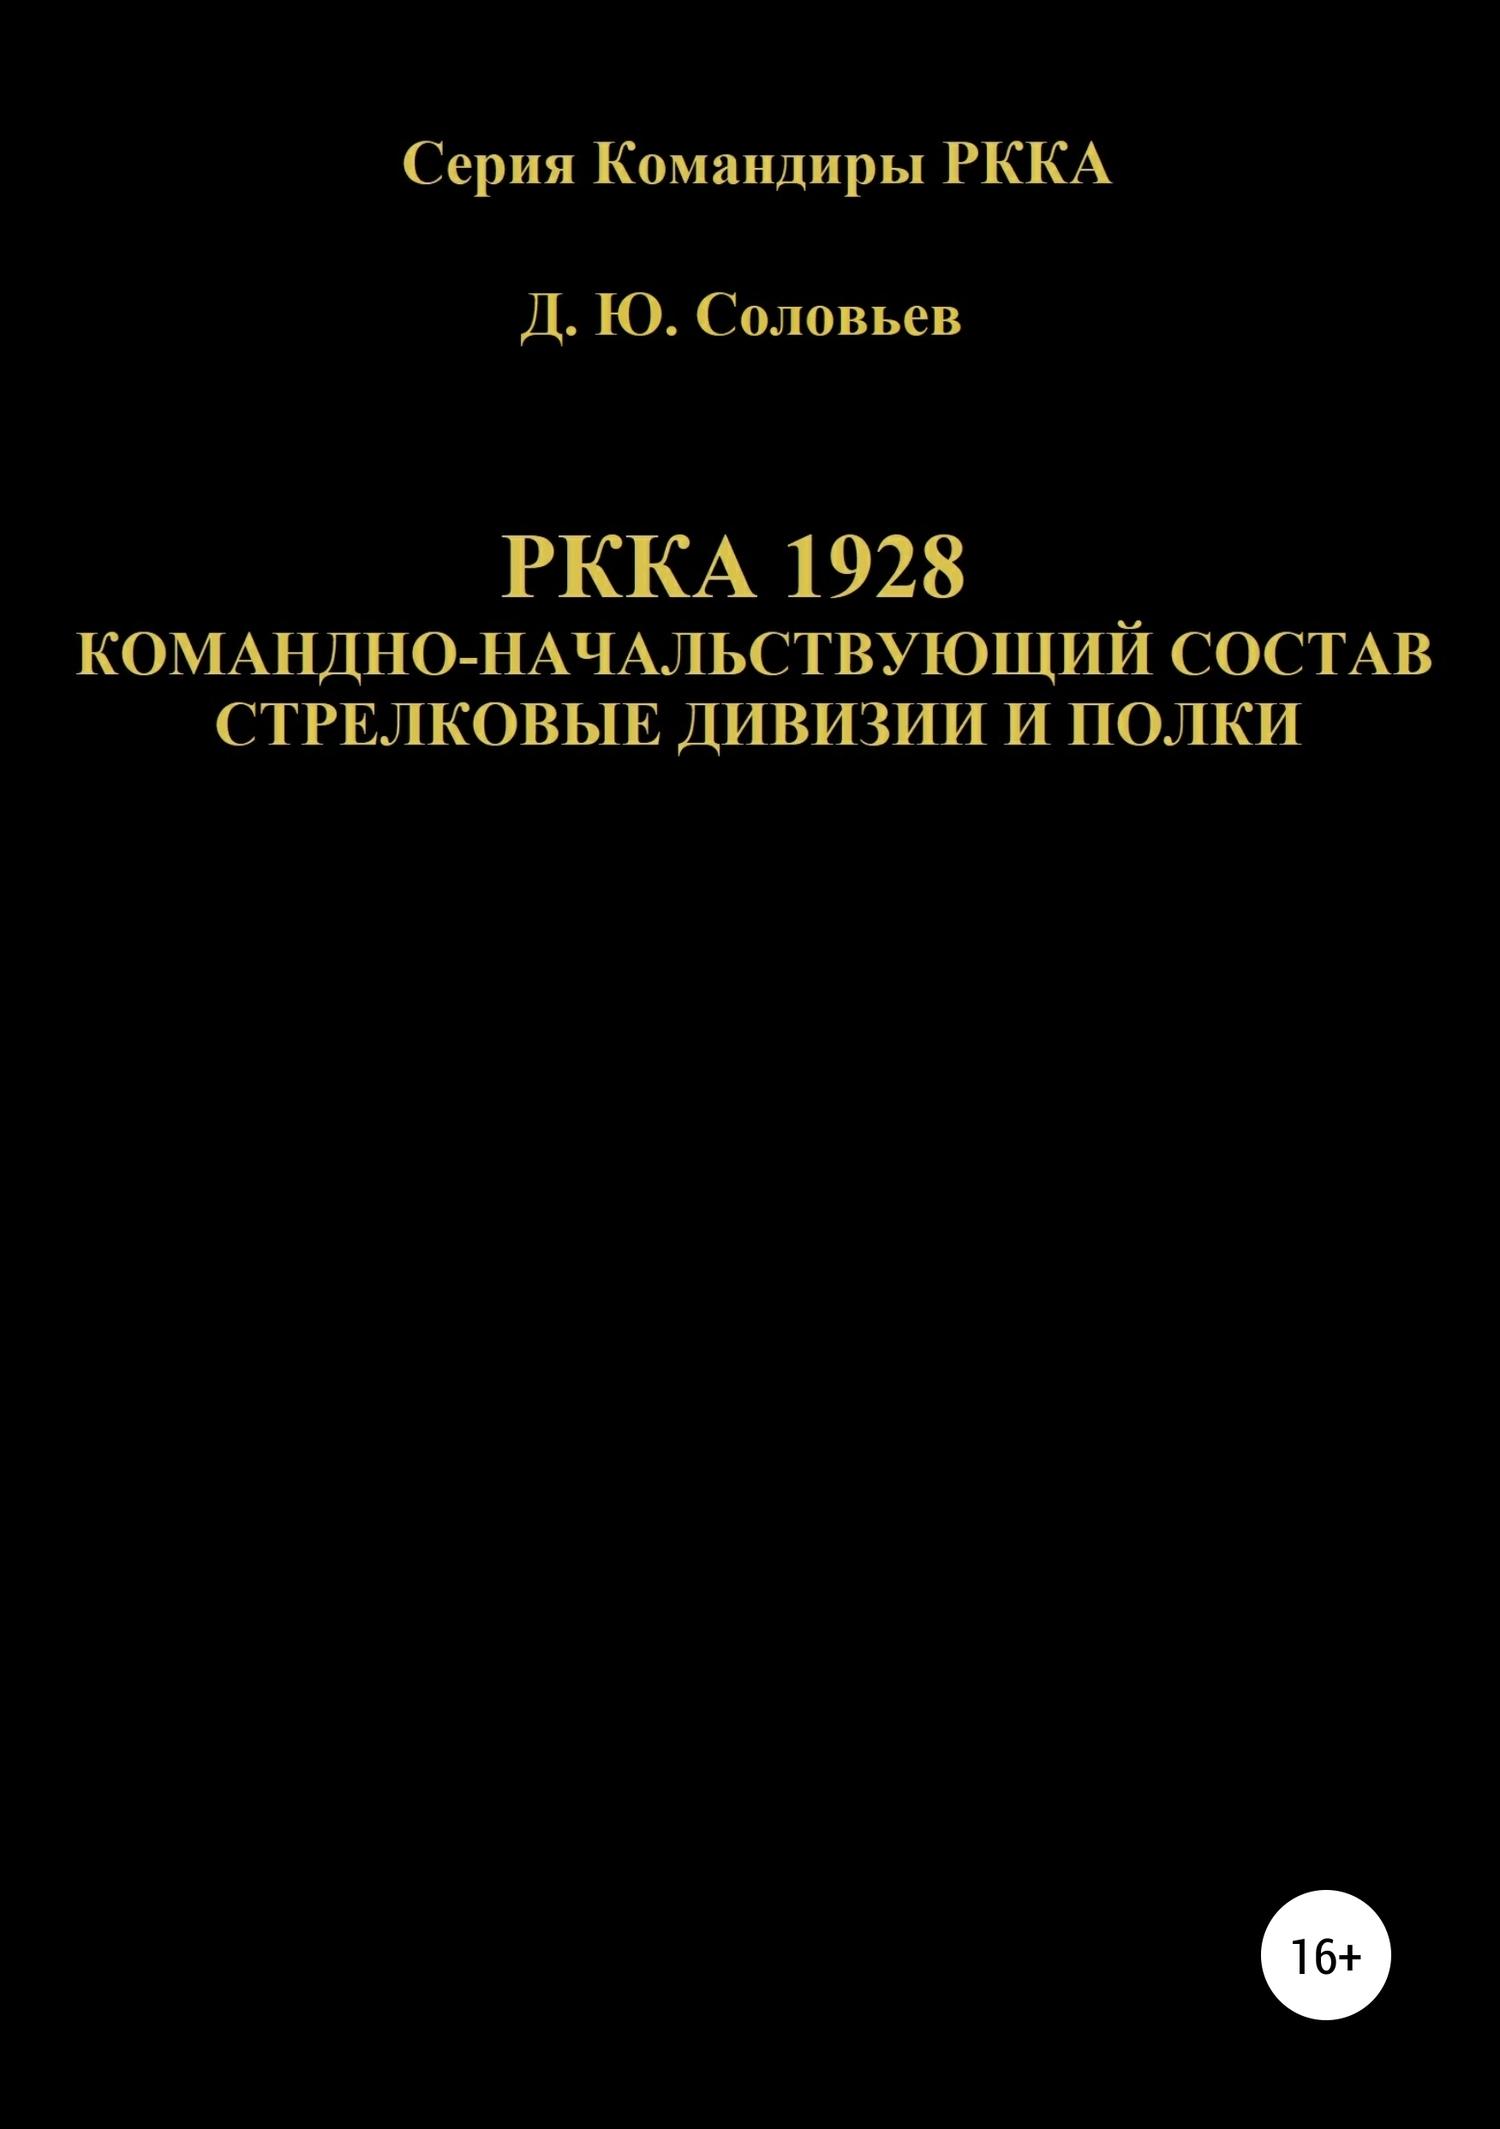 РККА 1928 командно-начальствующий состав стрелковые дивизии и полки